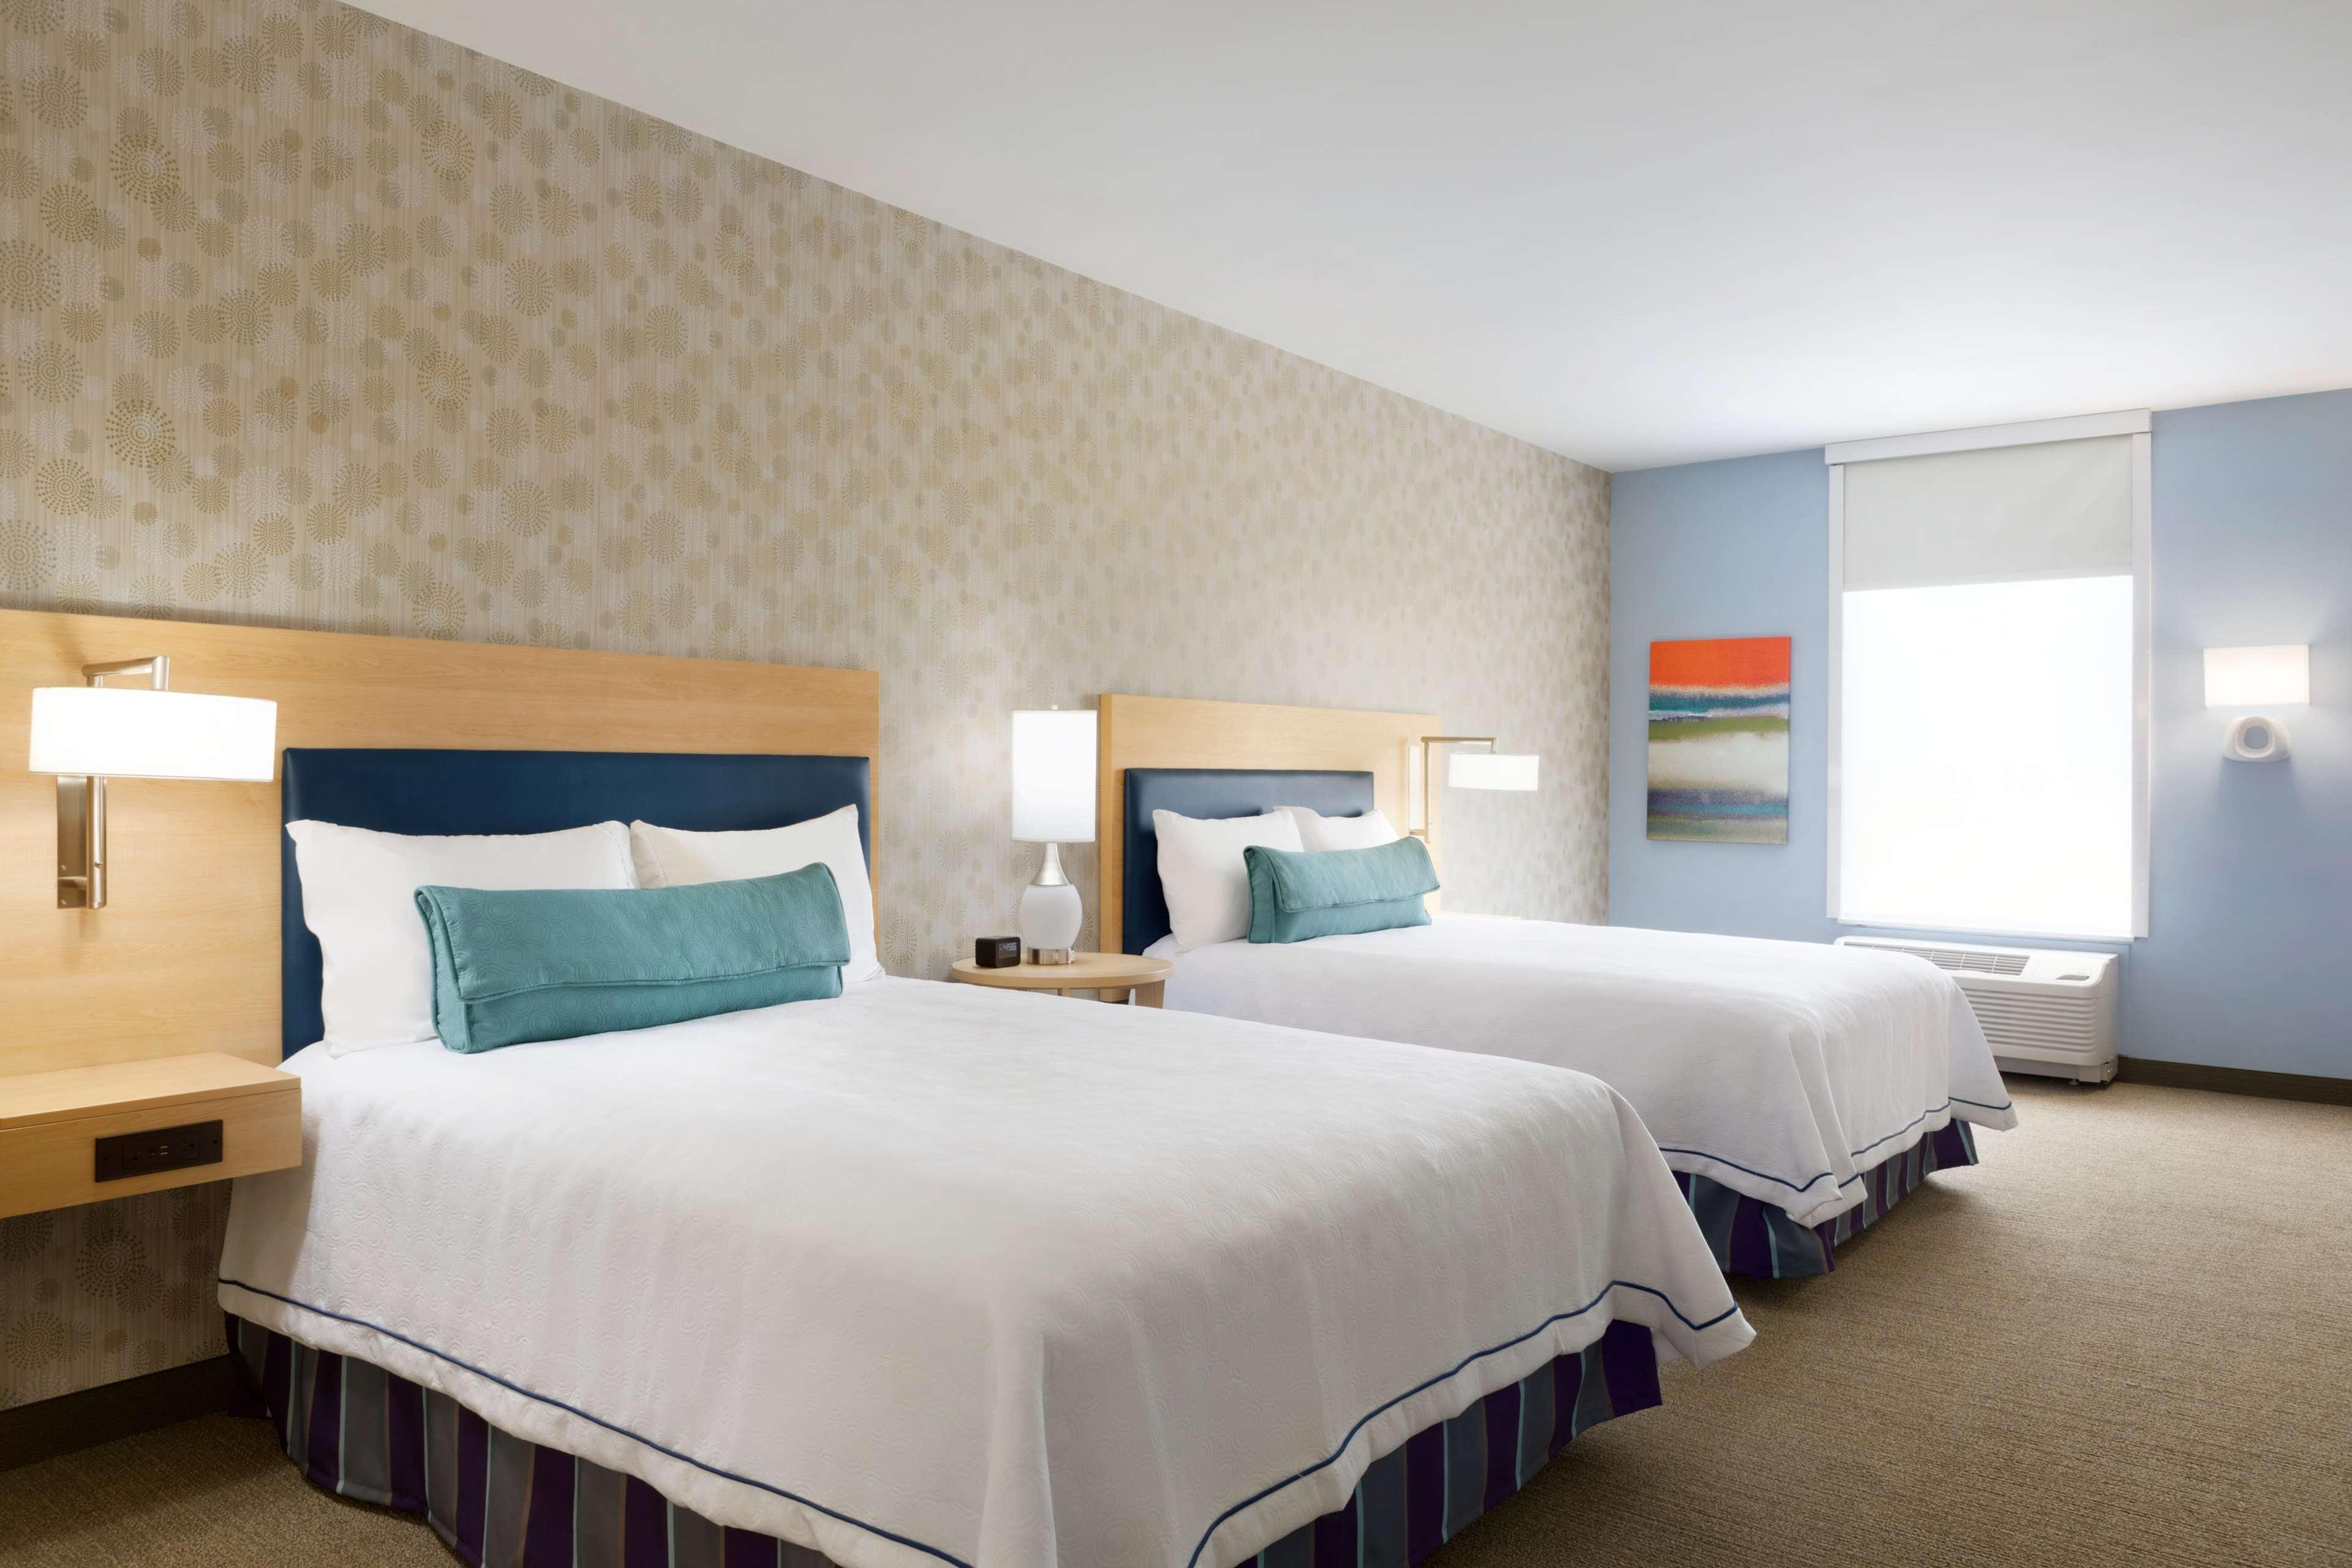 Home2 Suites by Hilton McAllen image 17